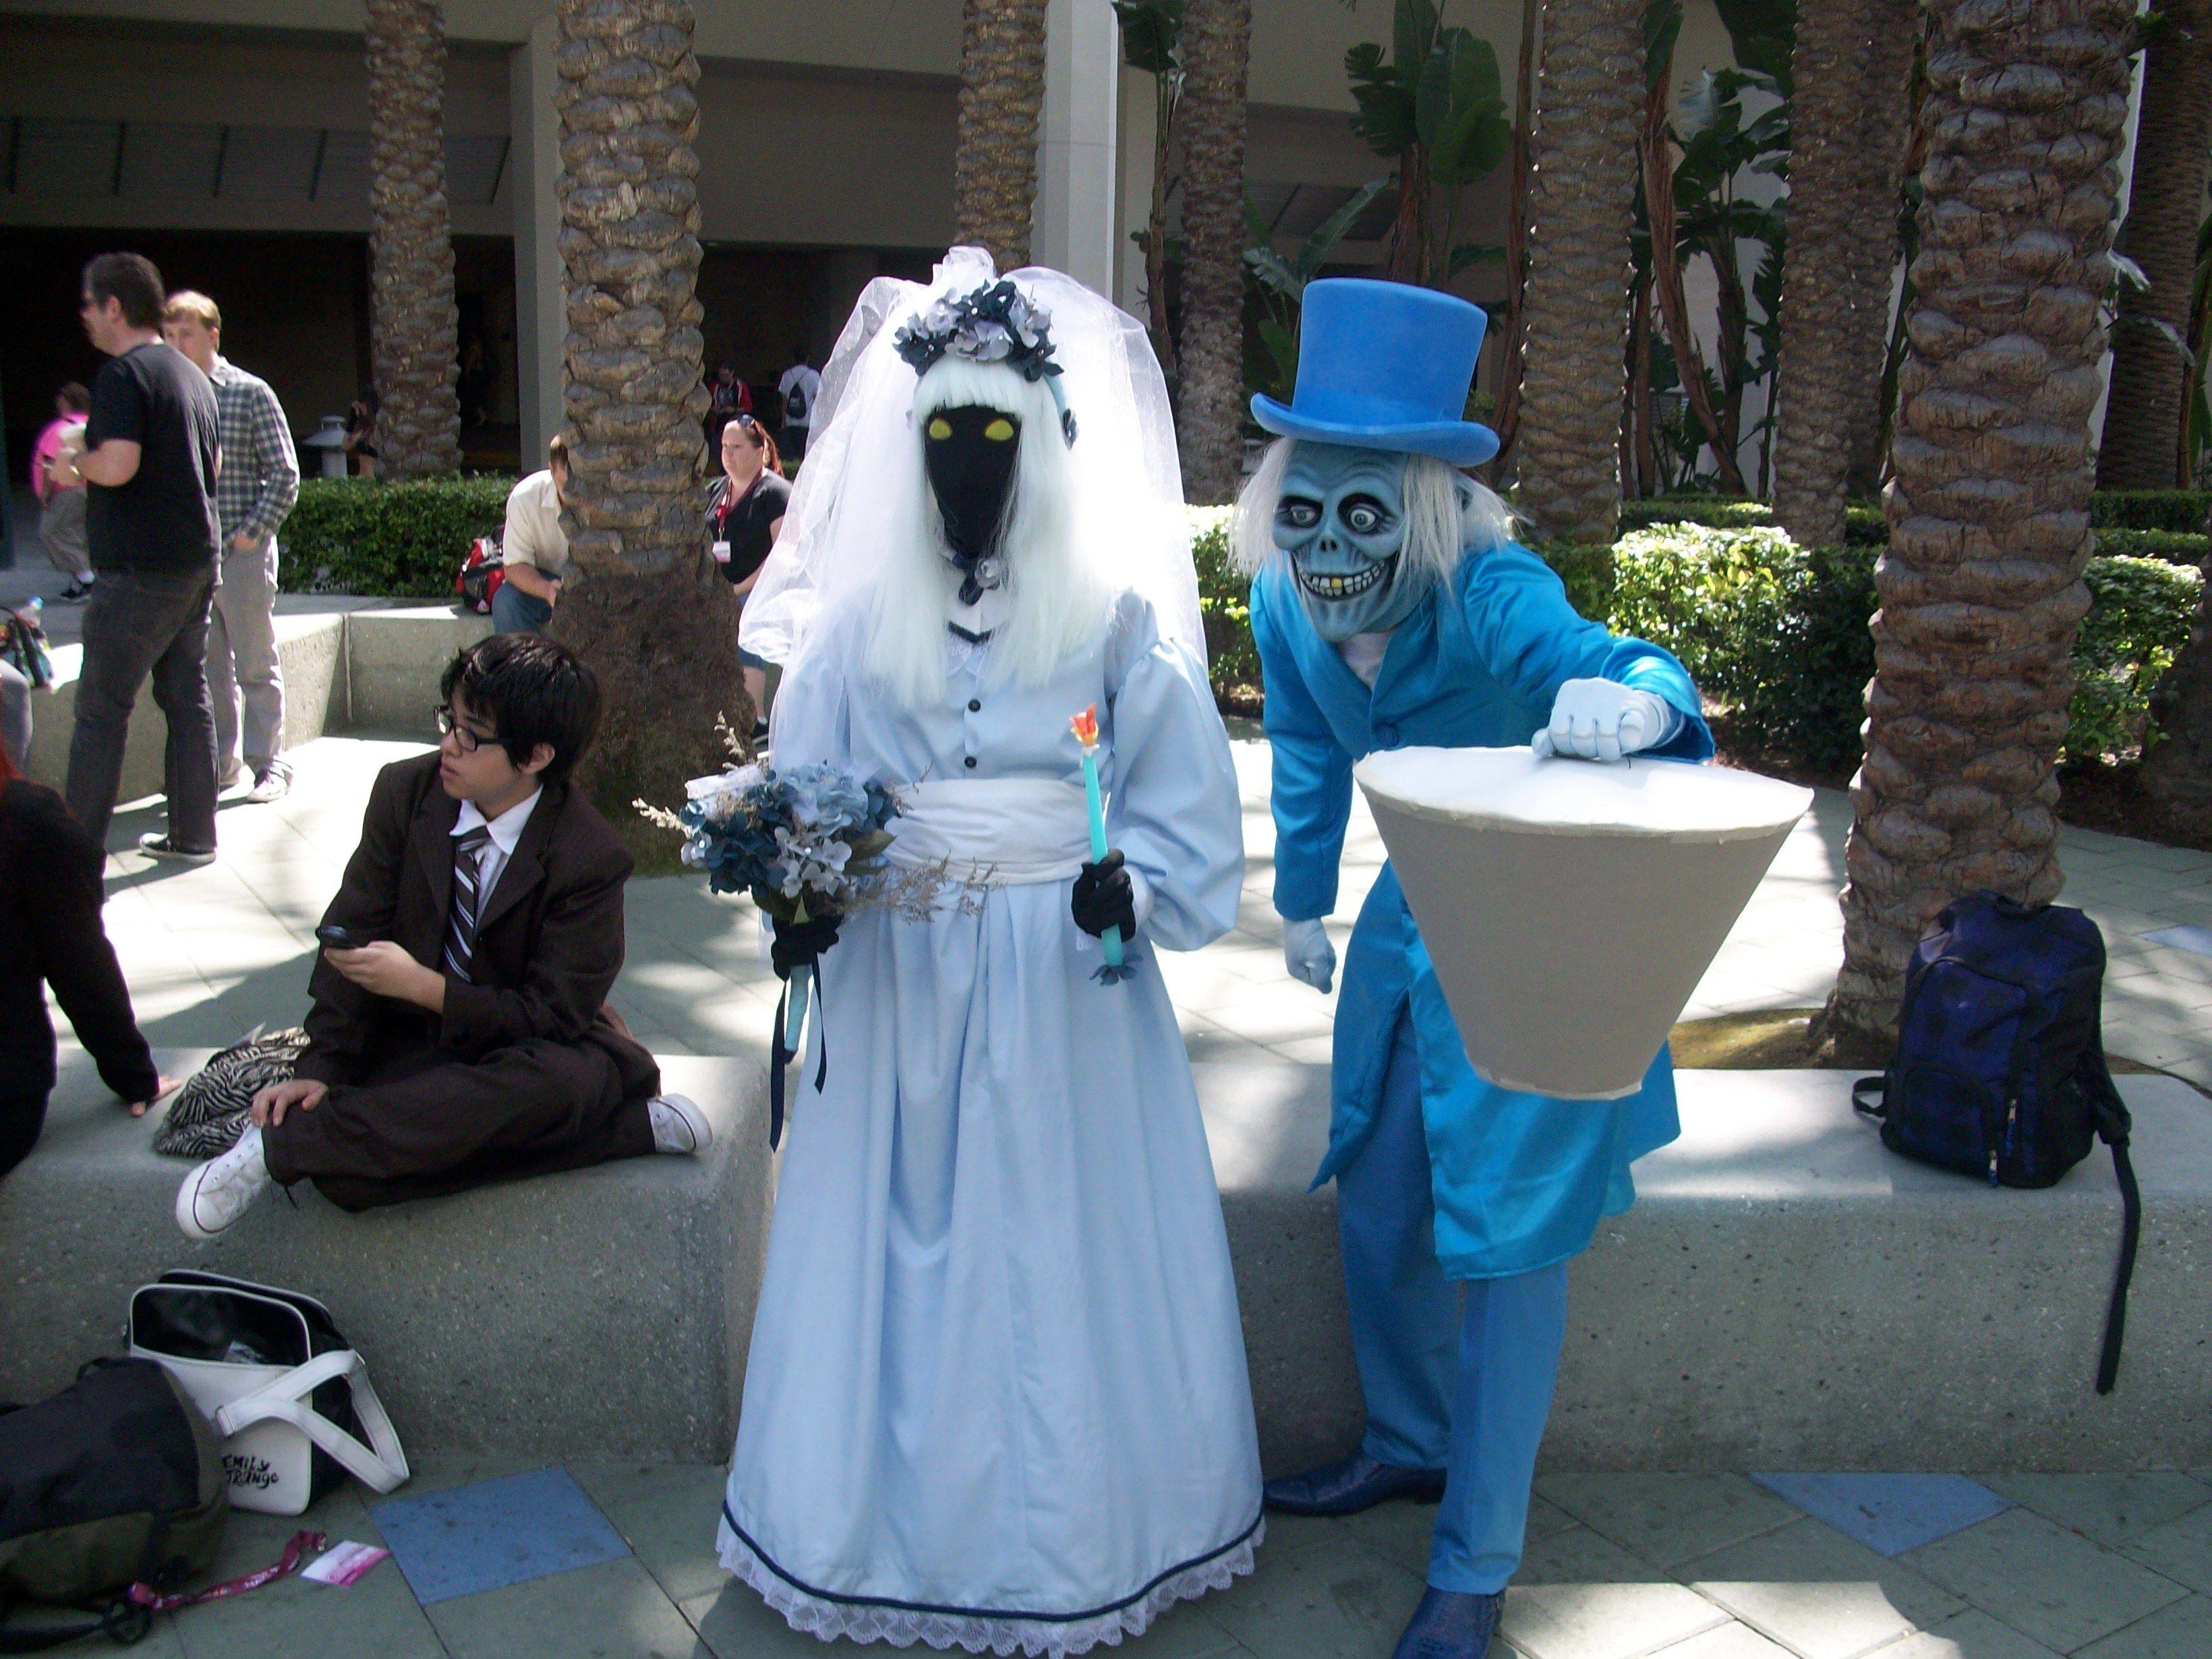 Cosplay Haunted Mansion Disney Buscar Con Google Disney Haunted Mansion Haunted Mansion Hatbox Ghost